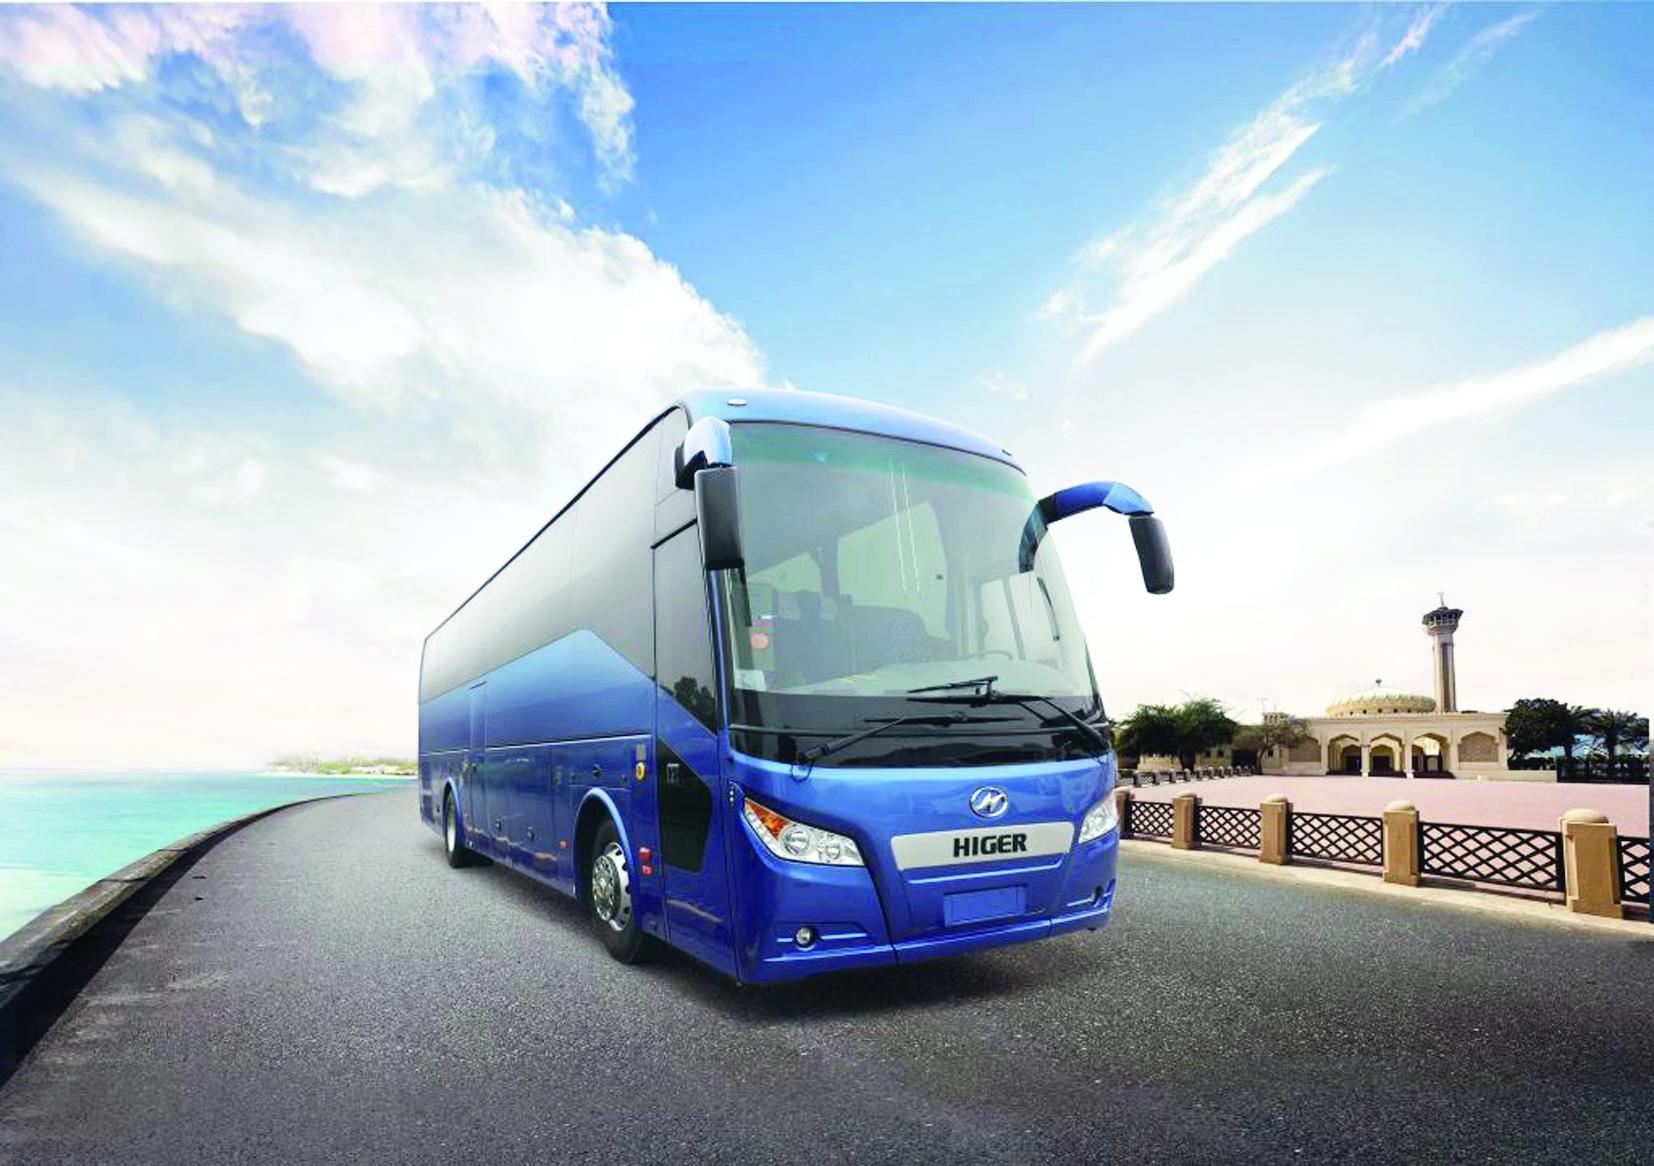 حافلات هايجر H92A تركز على السلامة وتقدم أفضل الخدمات